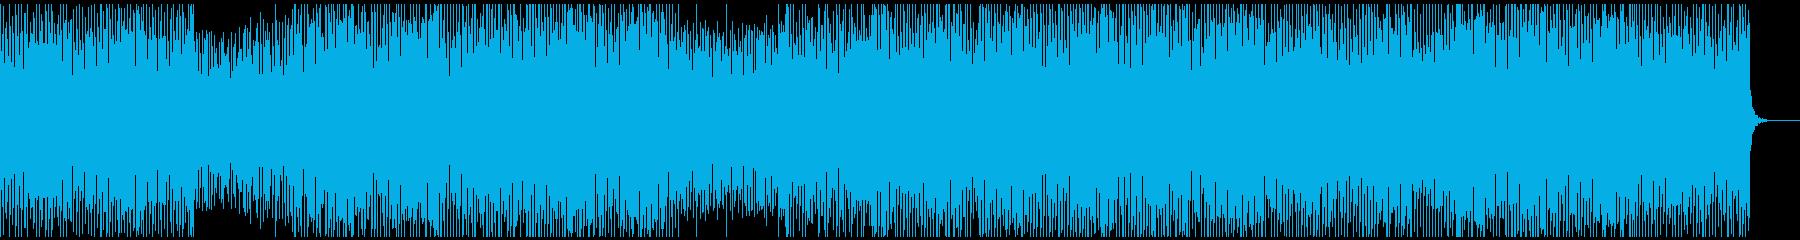 中性的、無機質、ミニマルテクノの再生済みの波形